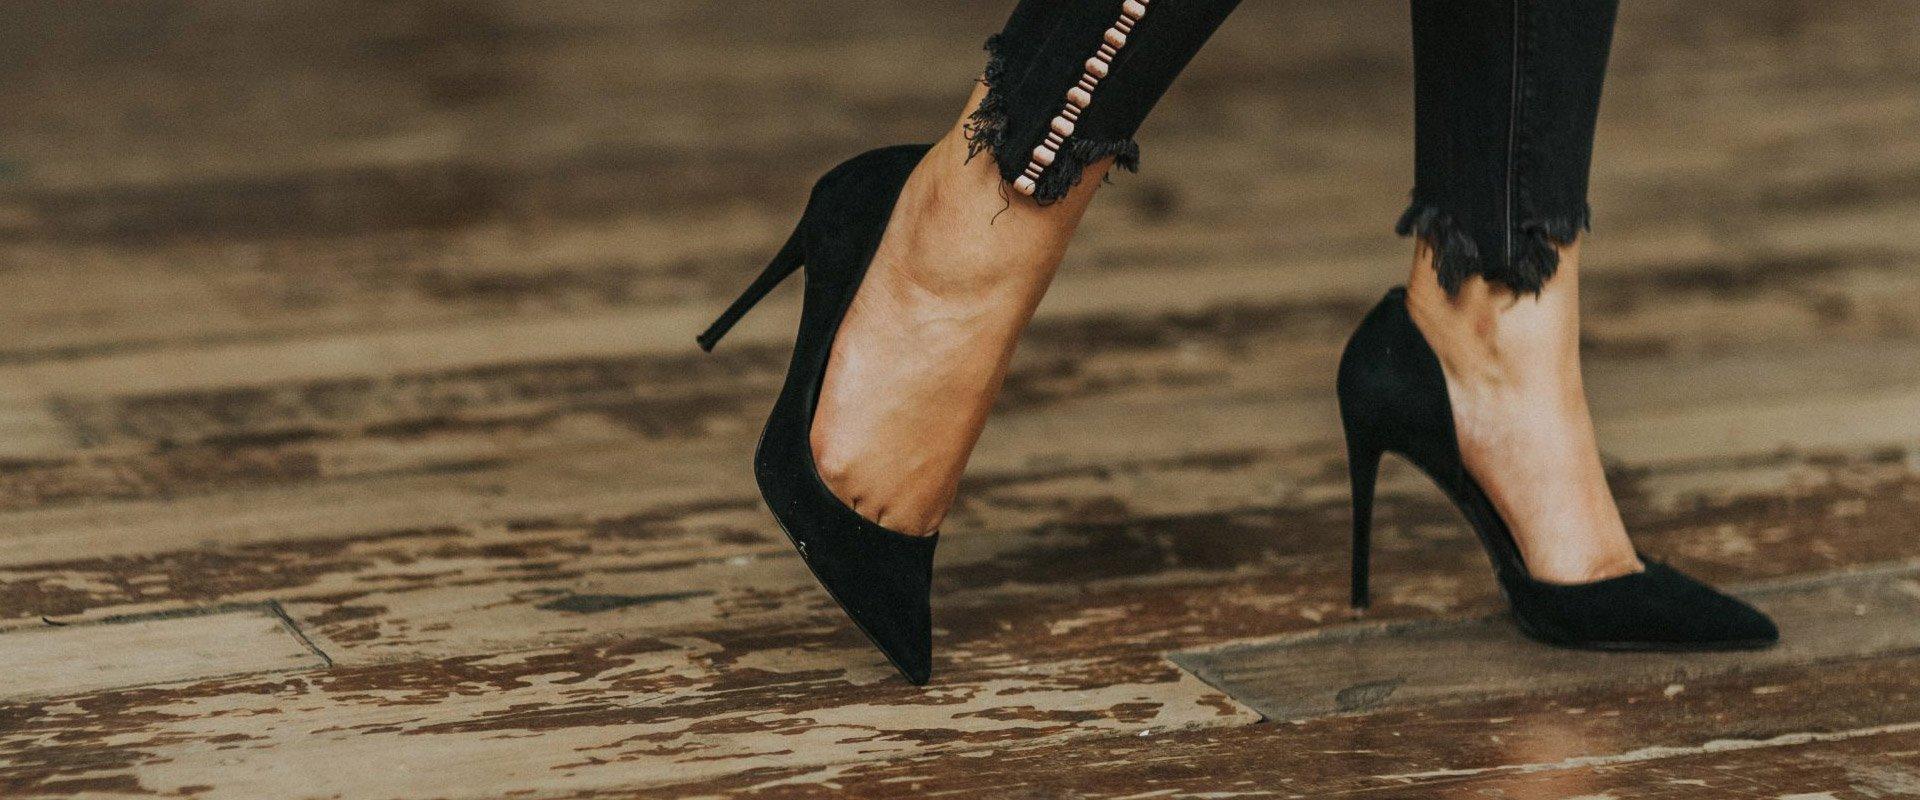 bg-sapatos-1